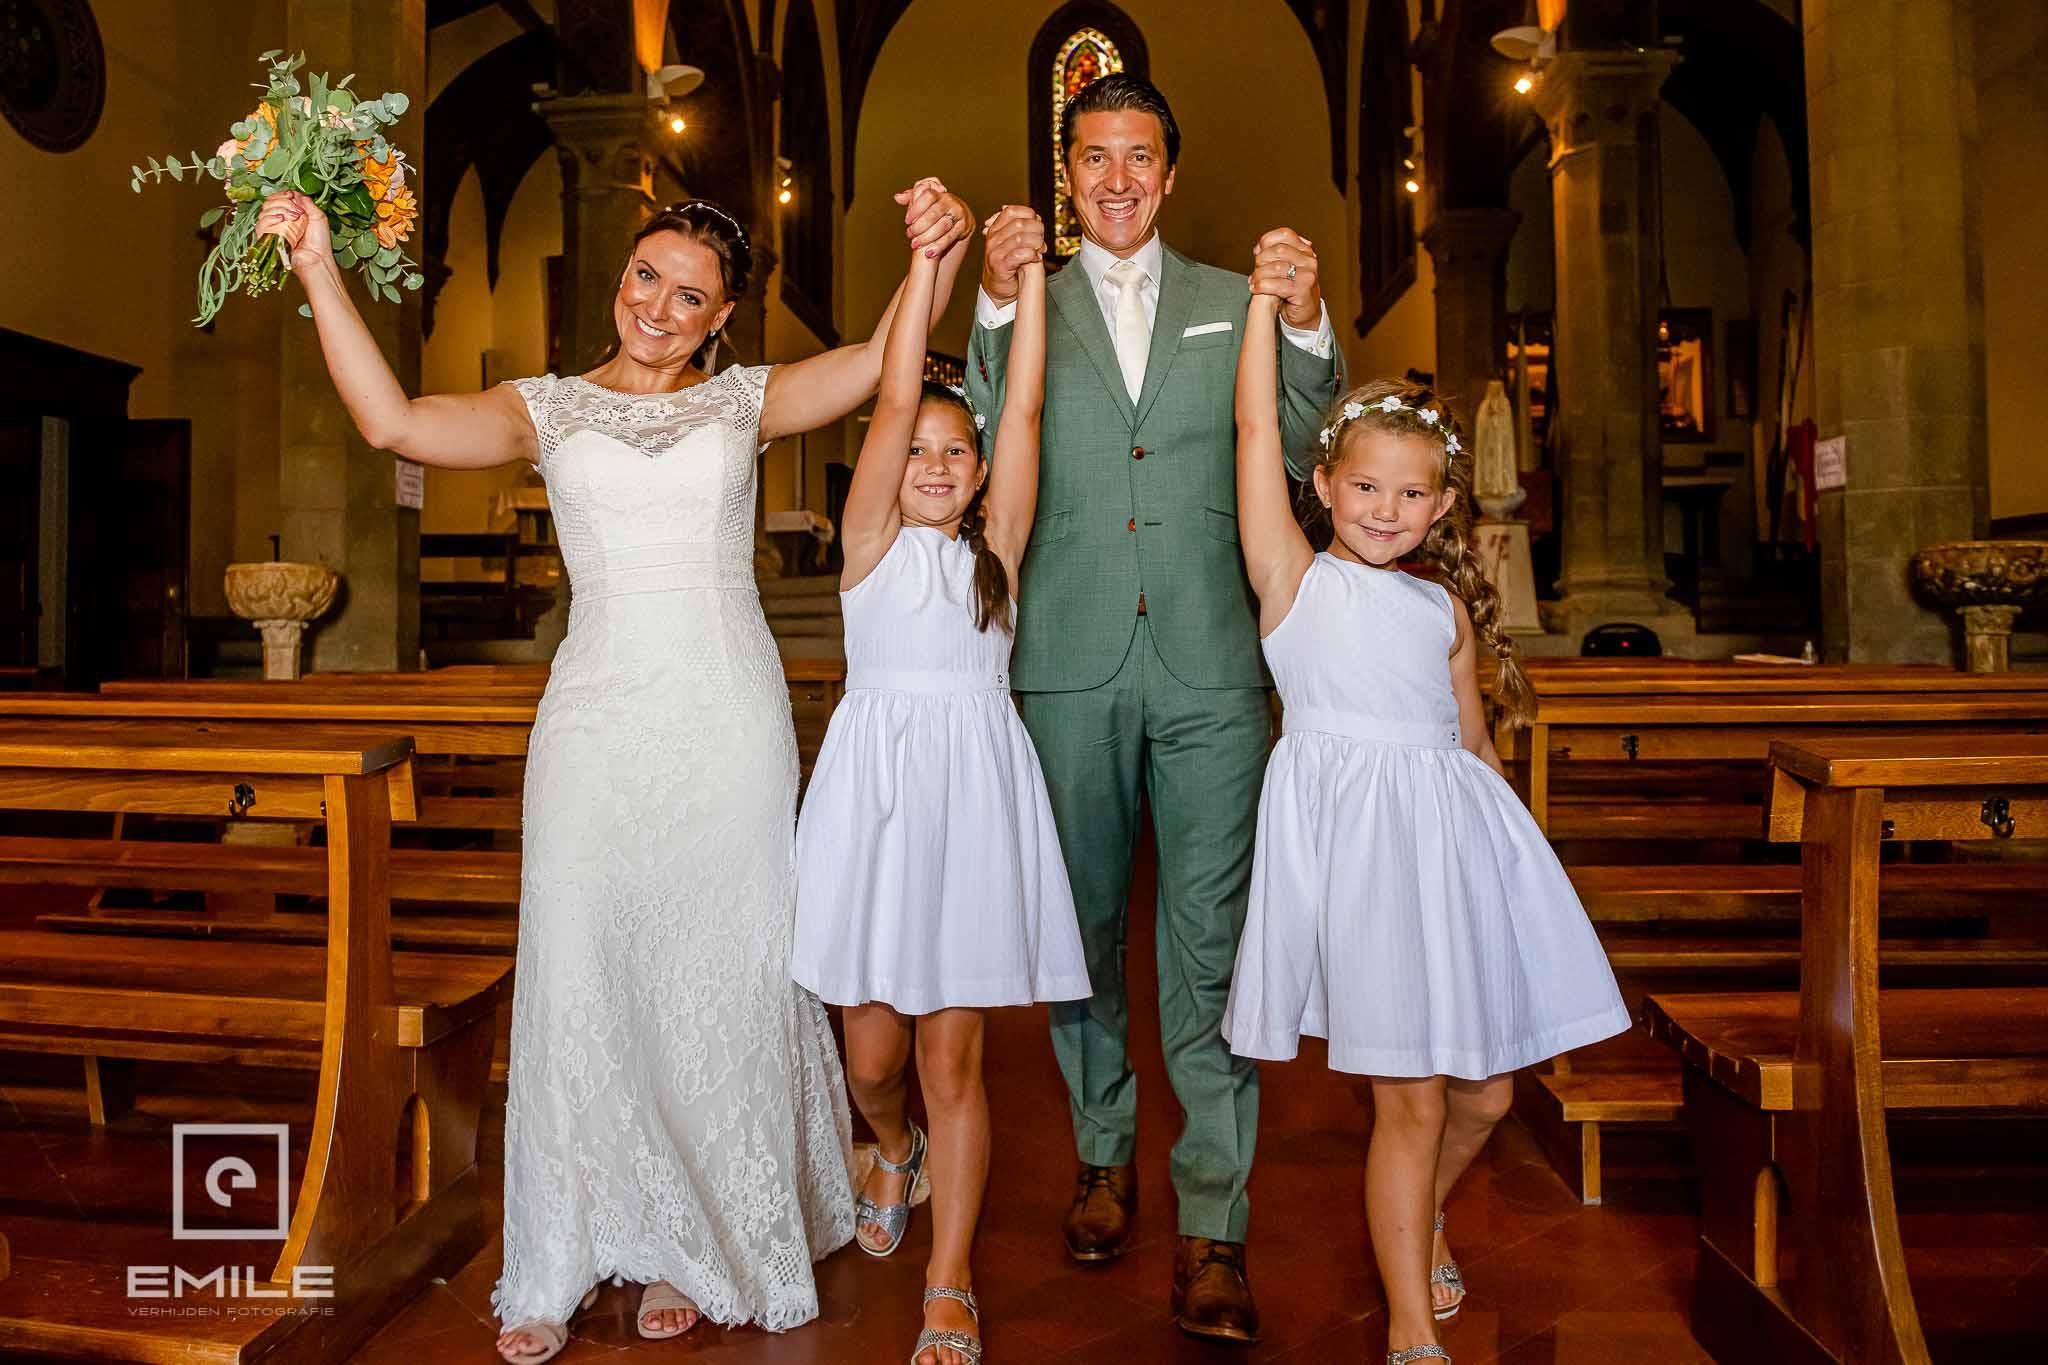 Samen met de kinderen de kerk uitlopen HAPPY! - Destination wedding San Gimignano - Toscane Italie - Iris en Job